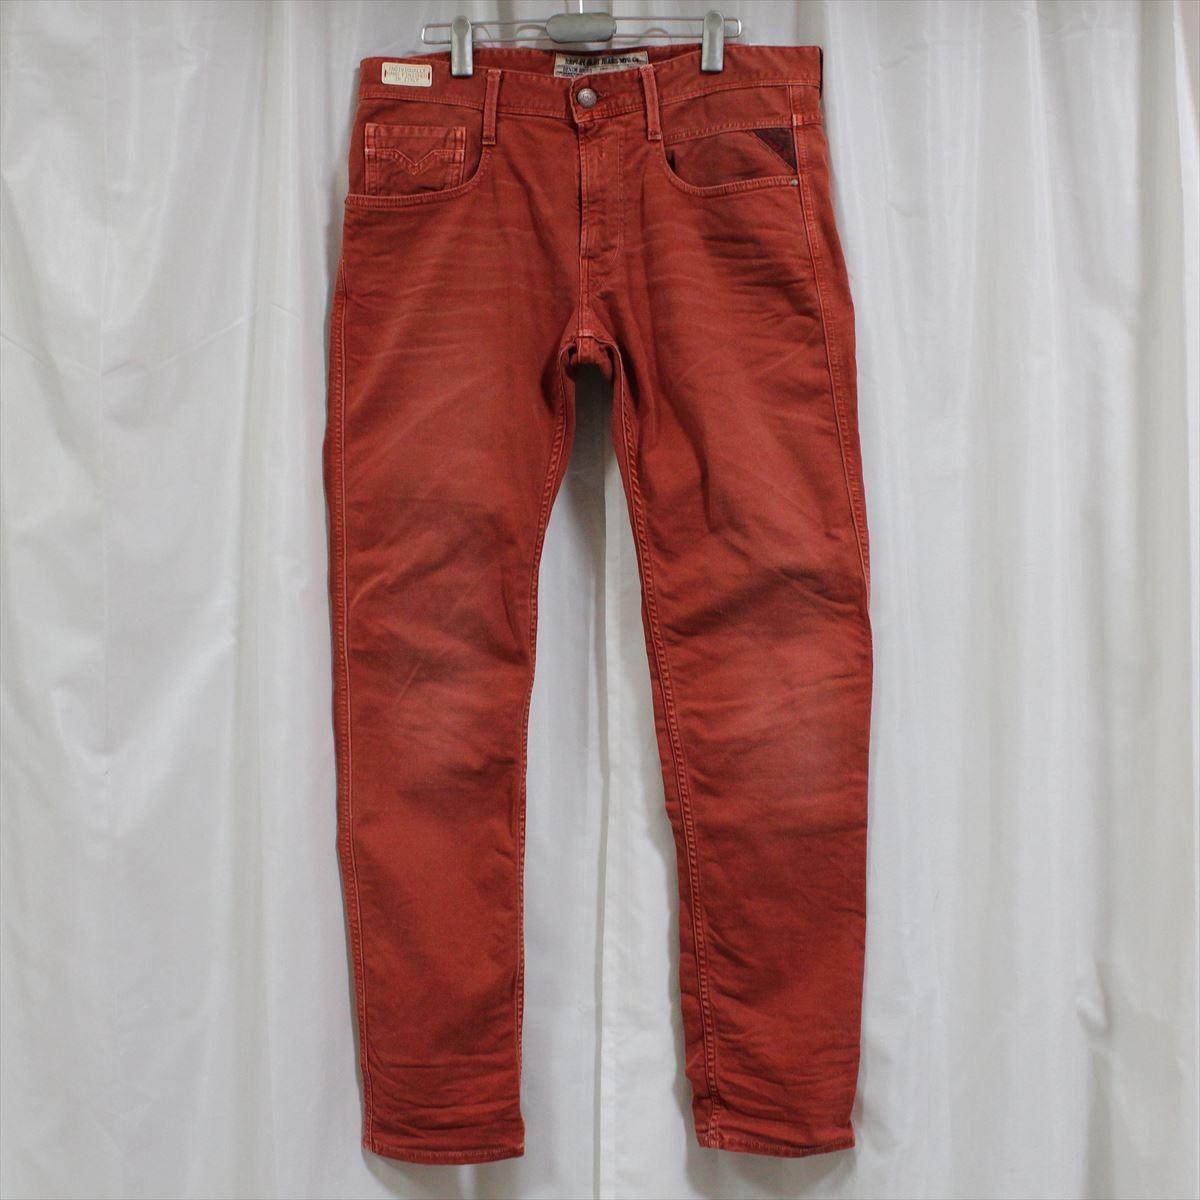 リプレイ REPLAY メンズカラーパンツ ジーンズ デニムパンツ SLIM レンガ色 28インチ 新品 REPLAY BLUE JEANS anbass slim jeans_画像1